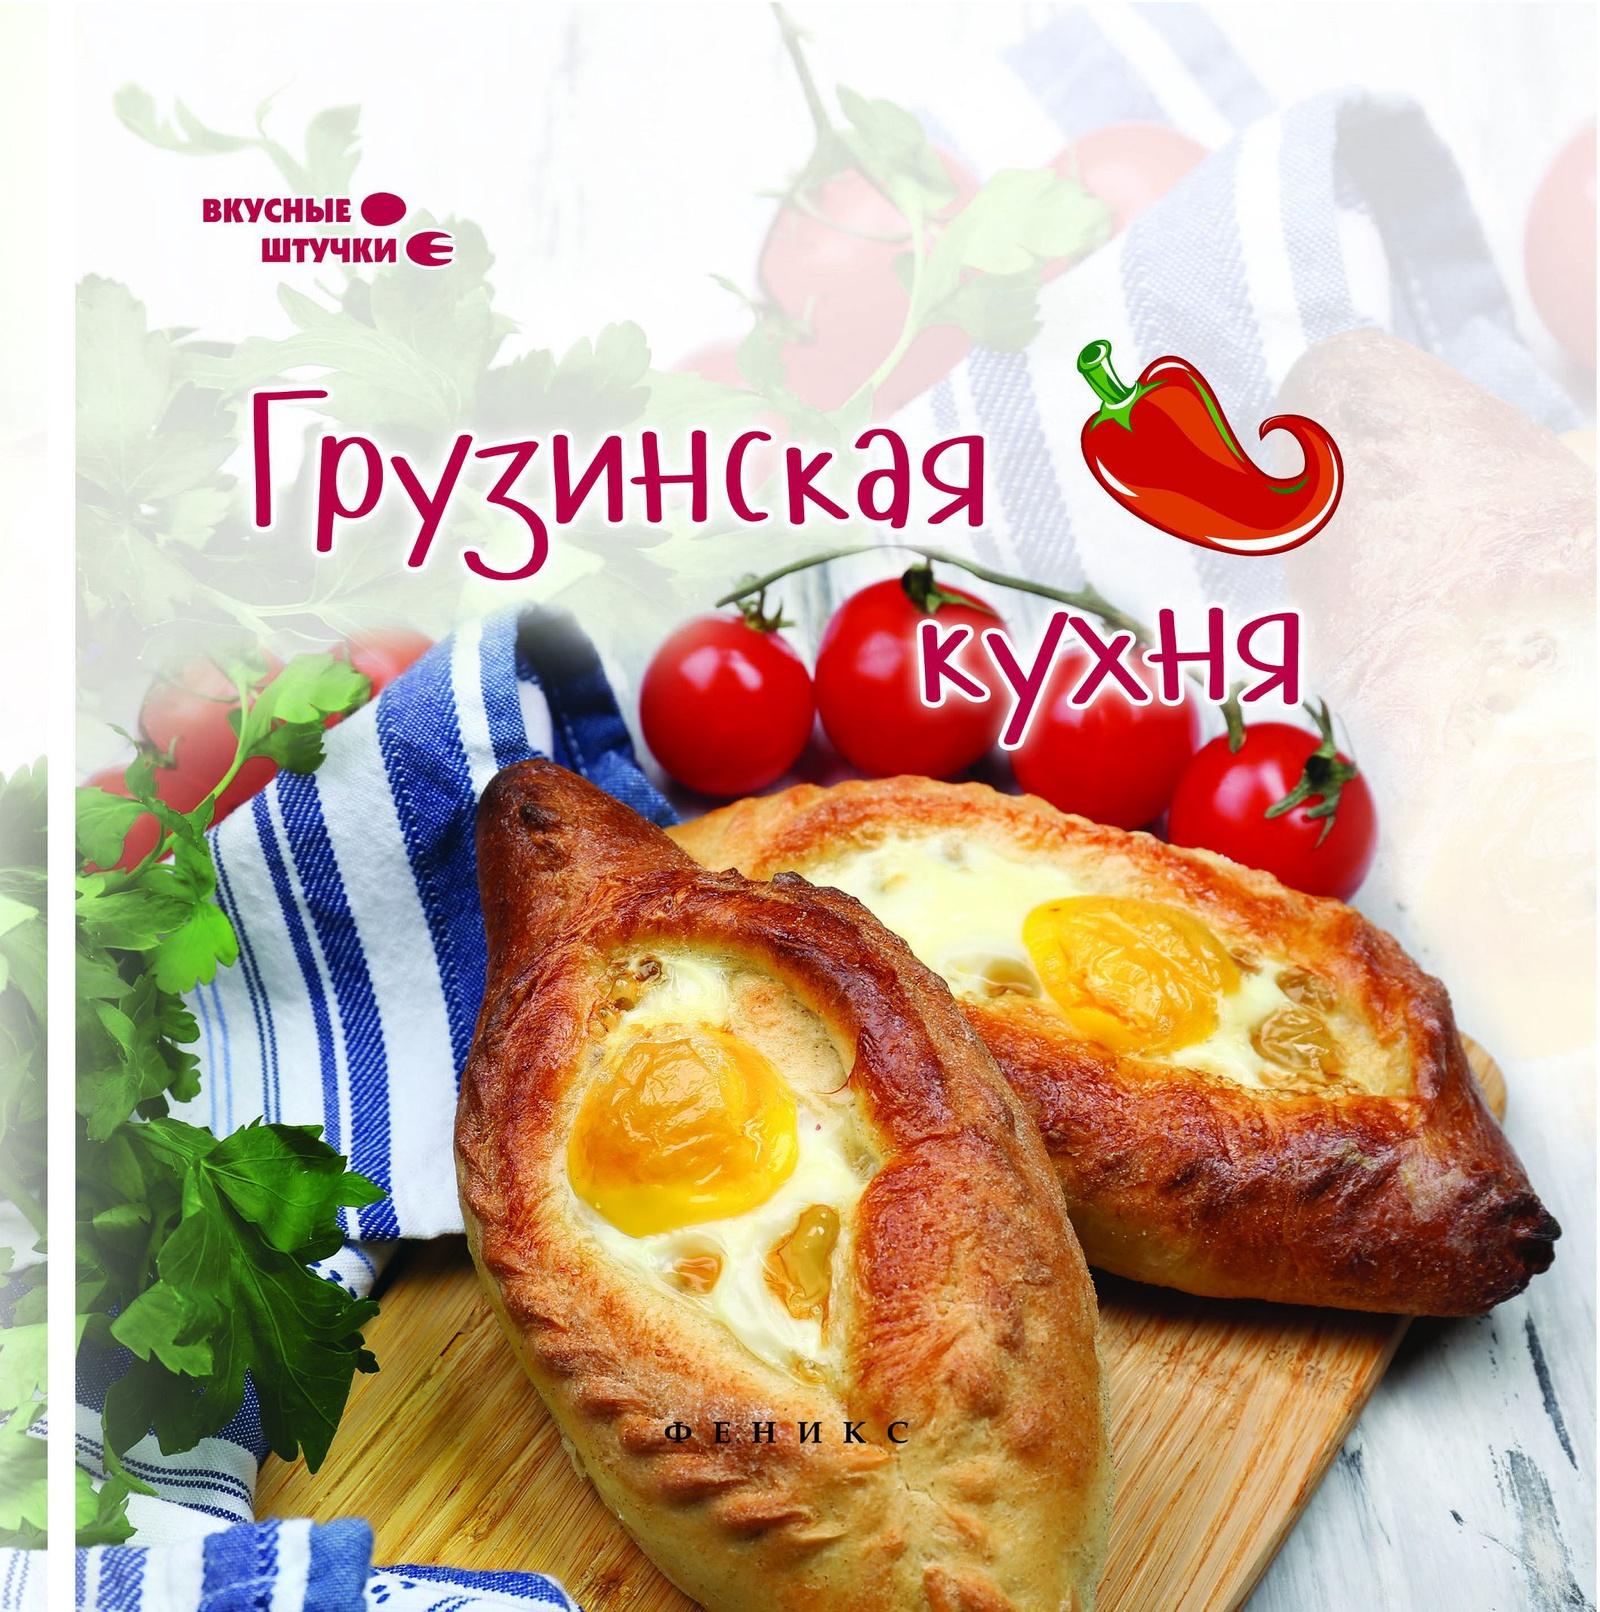 Грузинская кухня Феникс